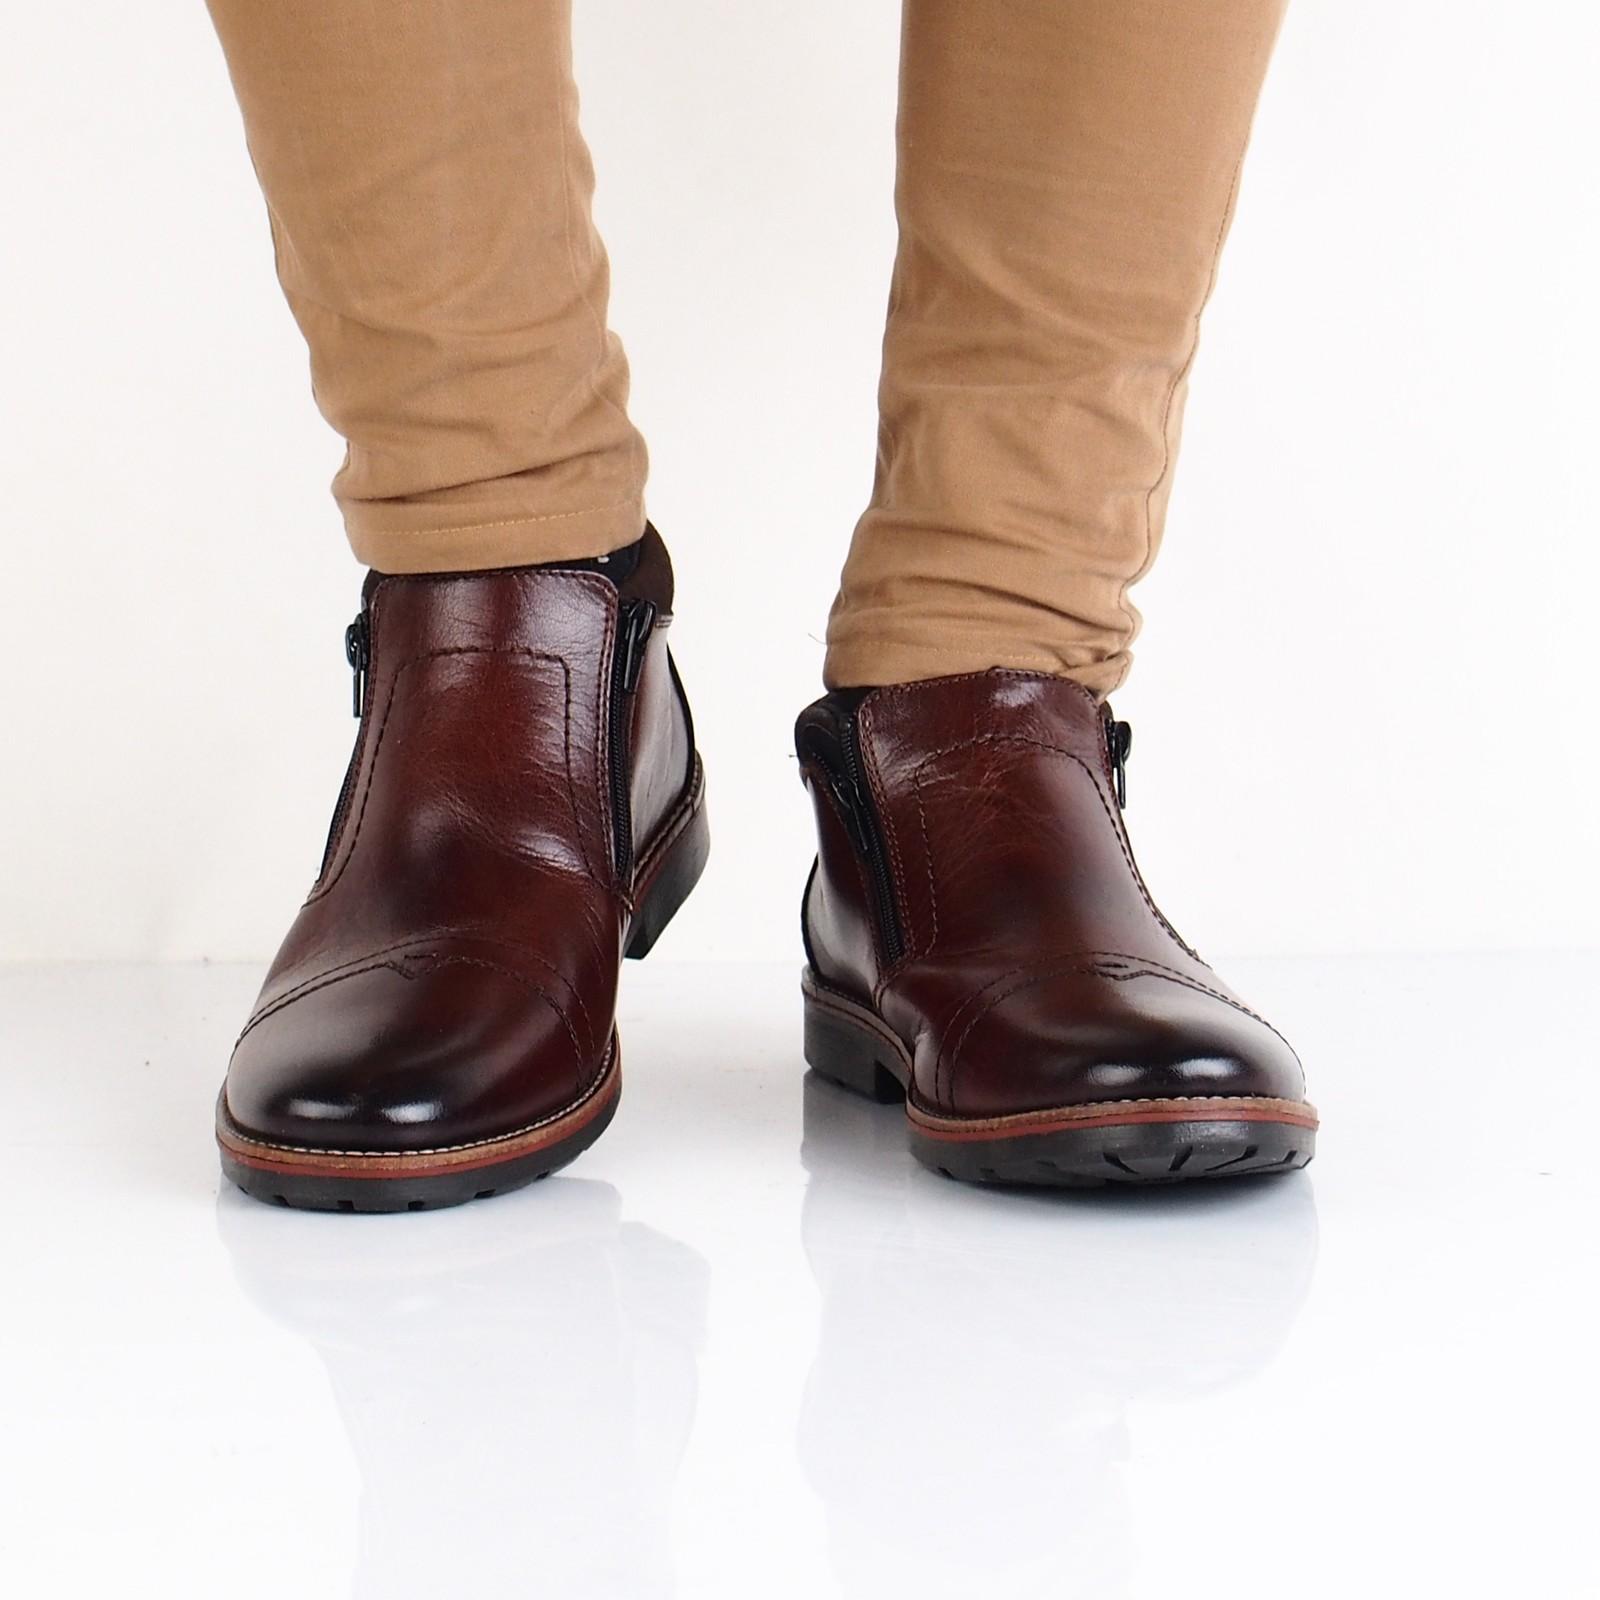 e335662f6029 Rieker pánska kožená členková obuv - tmavohnedá ...